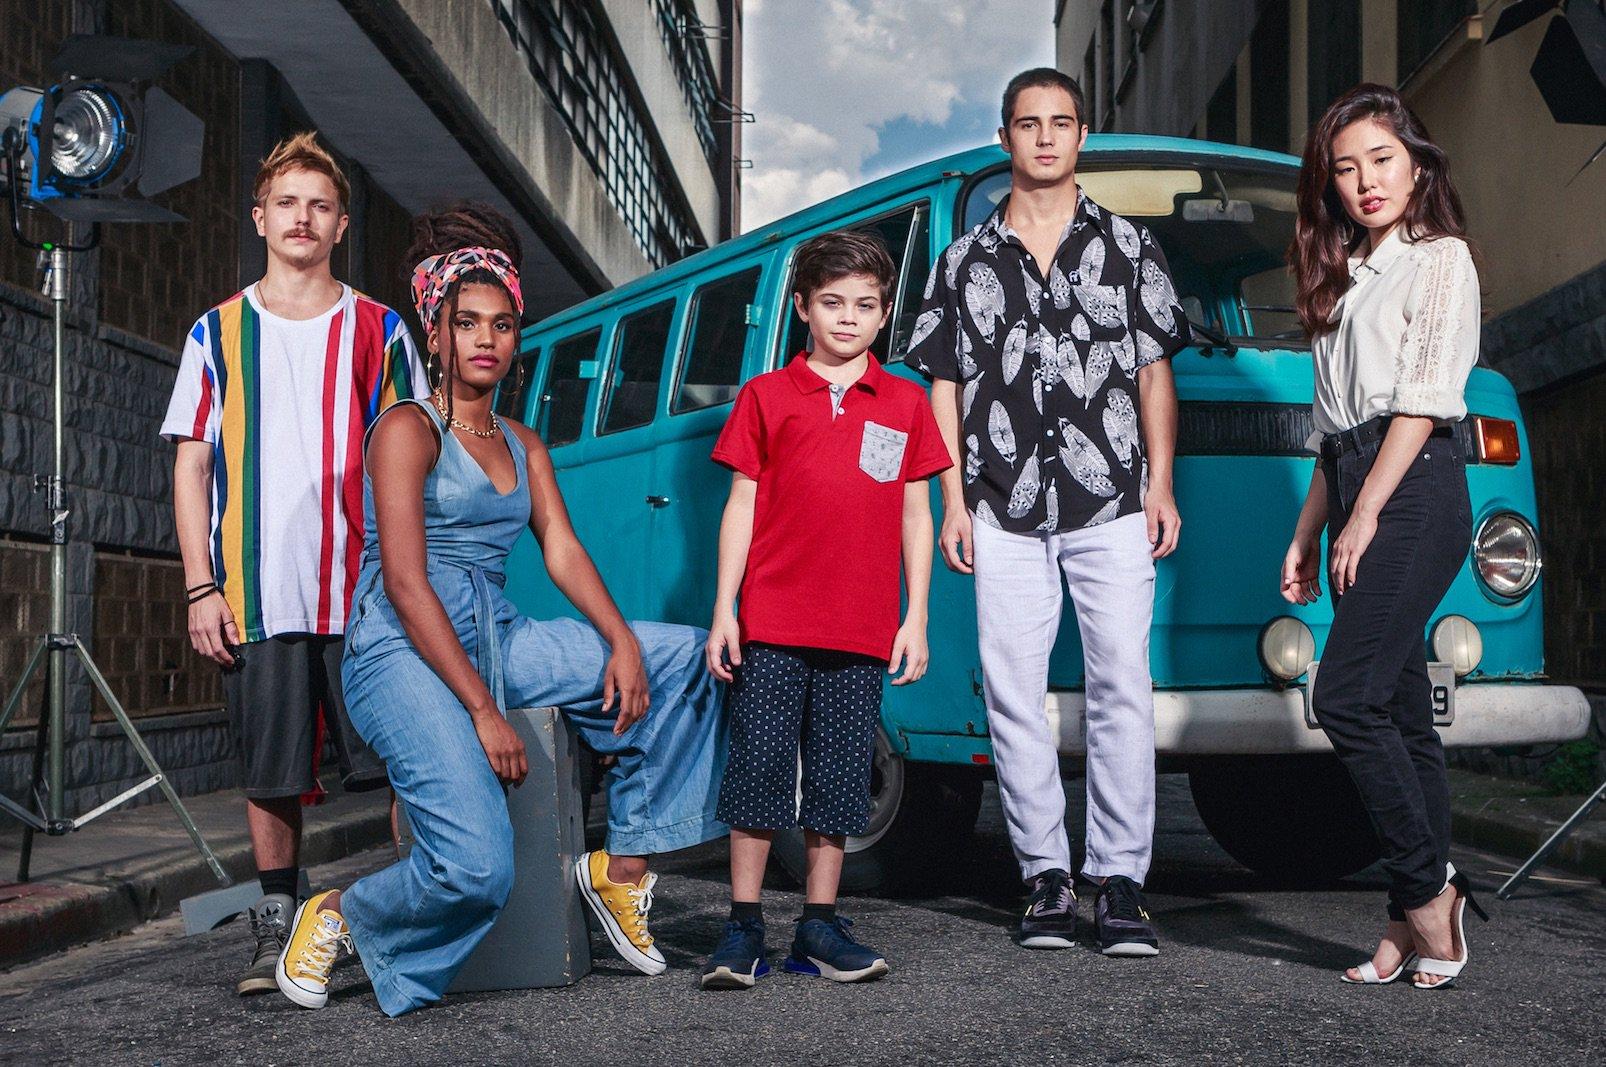 Spectros, new on Netflix